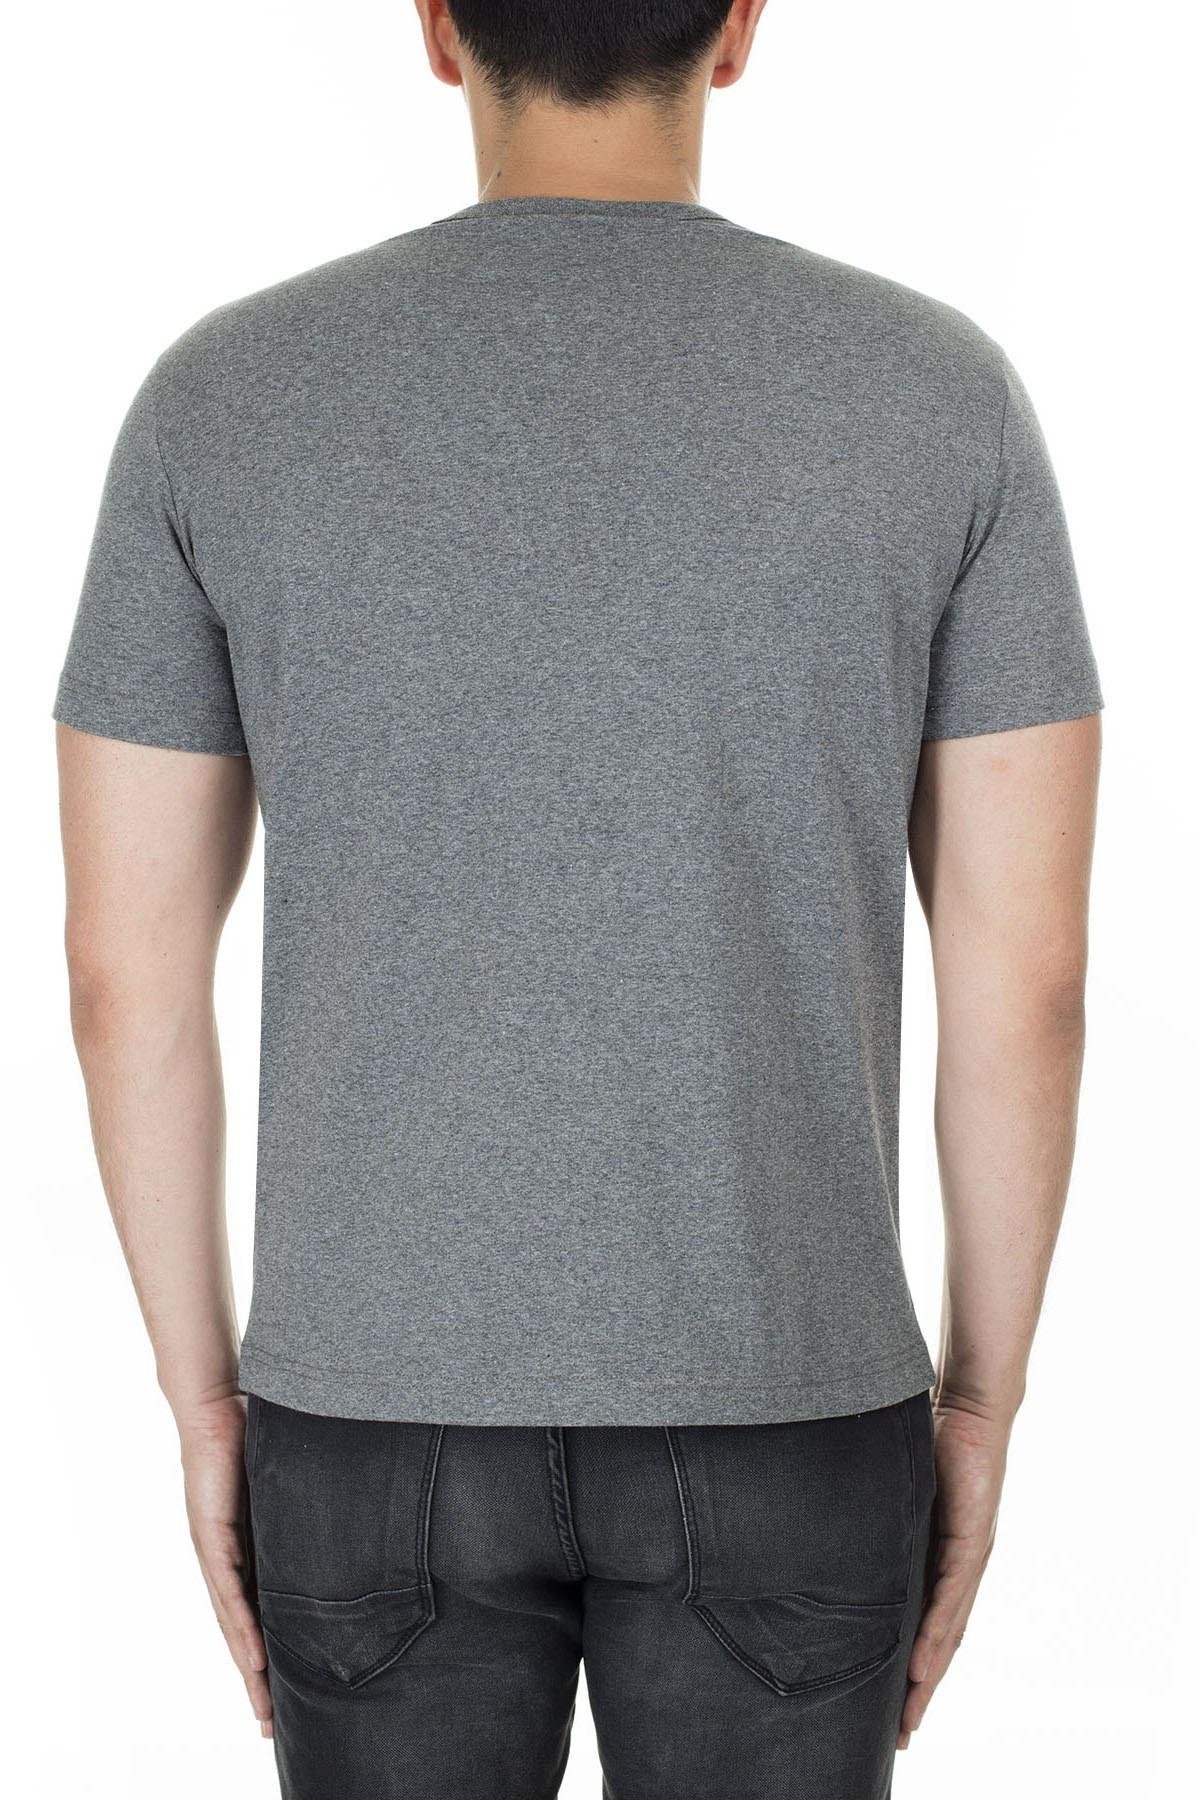 Champion Erkek T Shirt 210972 EM519 GAHM KOYU GRİ